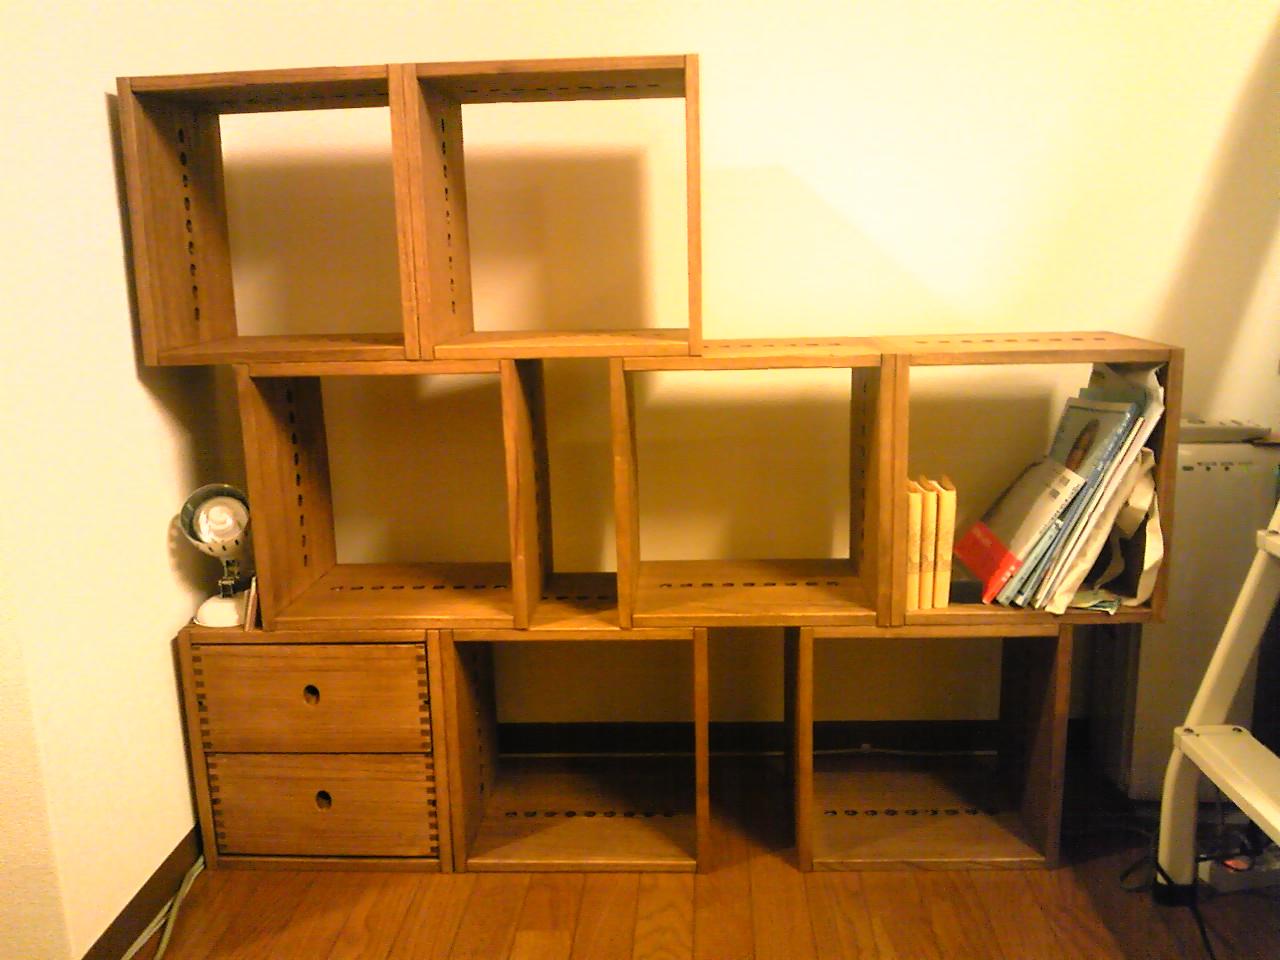 【自在に組める棚】 部屋の形状や雰囲気に合わせて自由に組み合わせることが出来る棚で、非常に重宝します。テレビラックに引き続き、リピートで本棚を作成してみました。本が増えてくるようであれば、更に買い足していきたいと思っています。【子供部屋 無垢 木製 収納 ラック キューブ カラーボックス 本棚 絵本 おもちゃ 収納 図鑑 大型本】